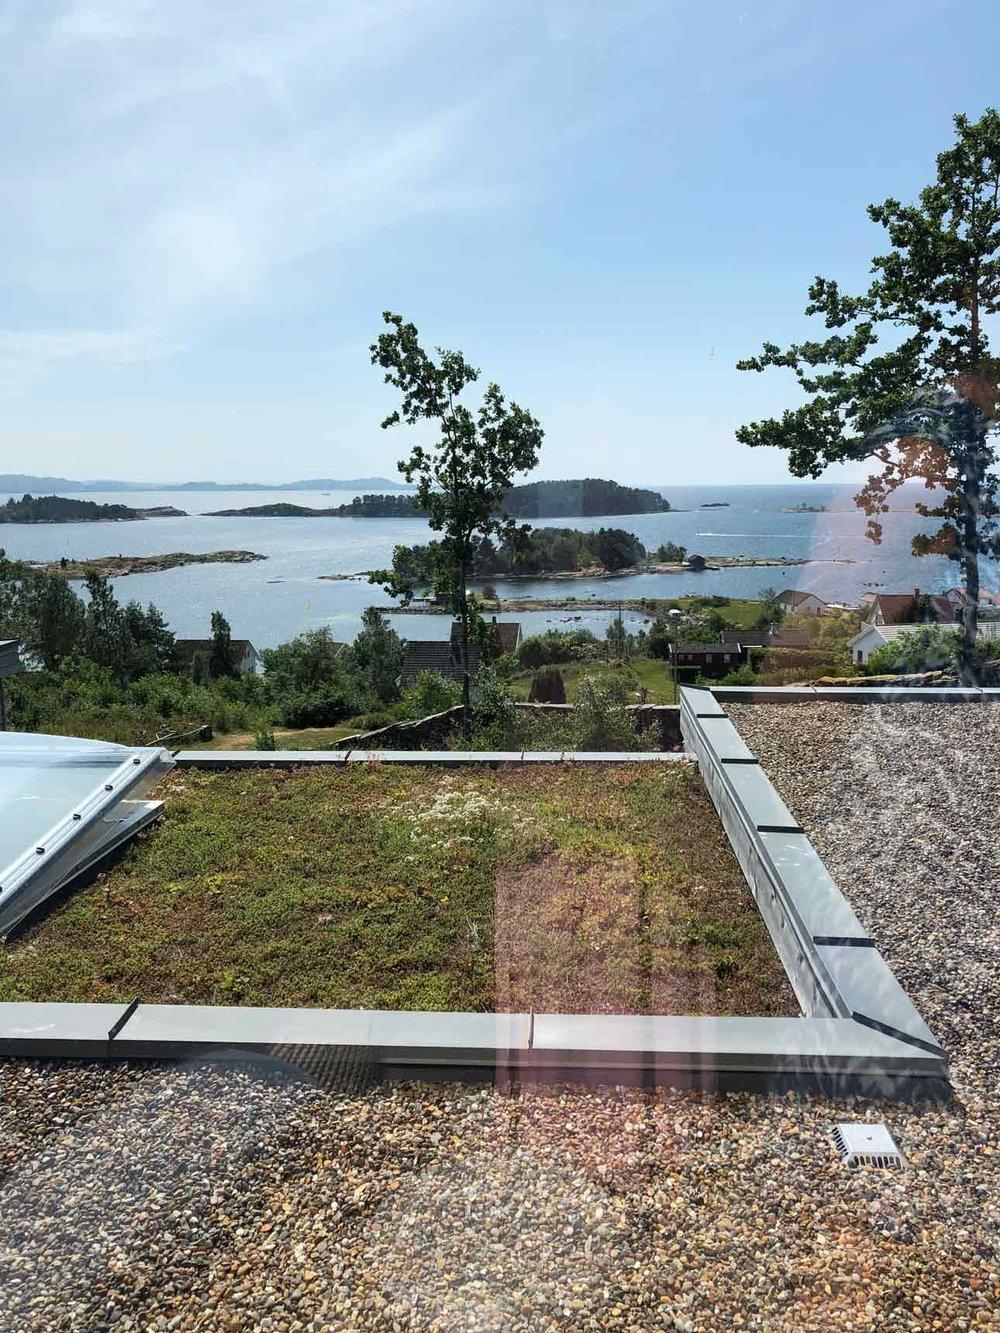 arkitekt_kolstø_nybygg_moderne_enebolig_flatttak_tysvær_trekledning_11av12.jpg